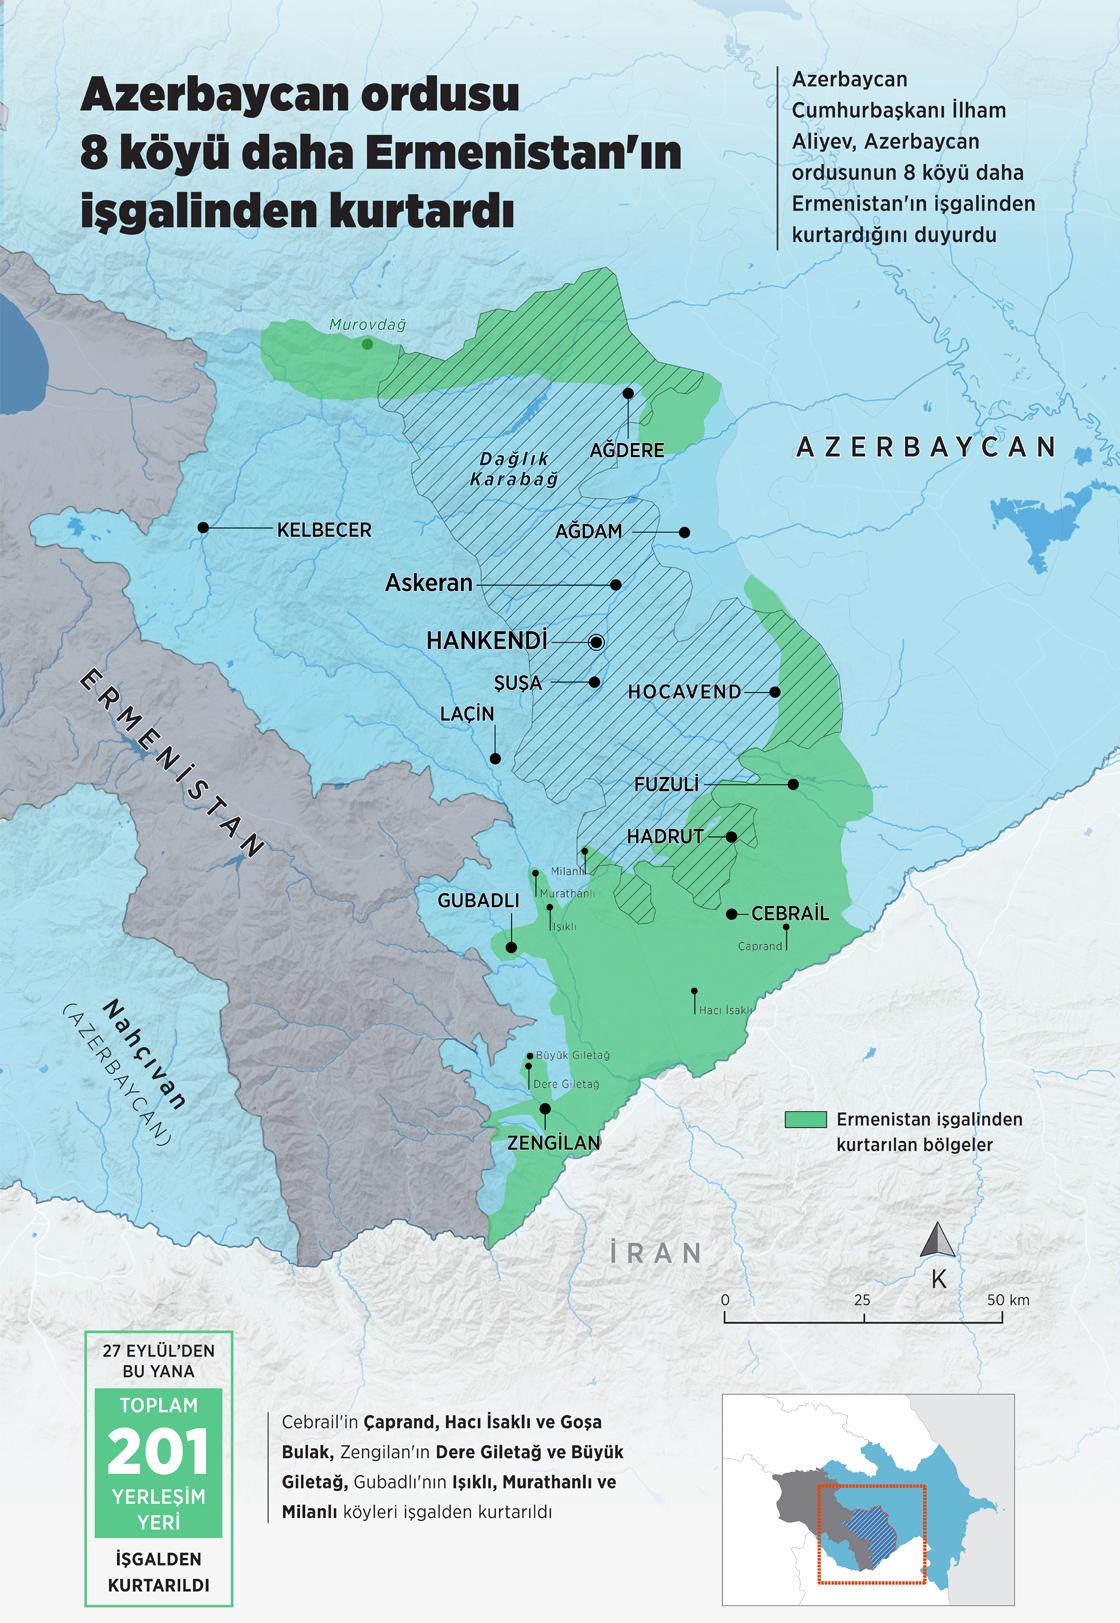 2020-kasim-azerbaycan1120.jpg